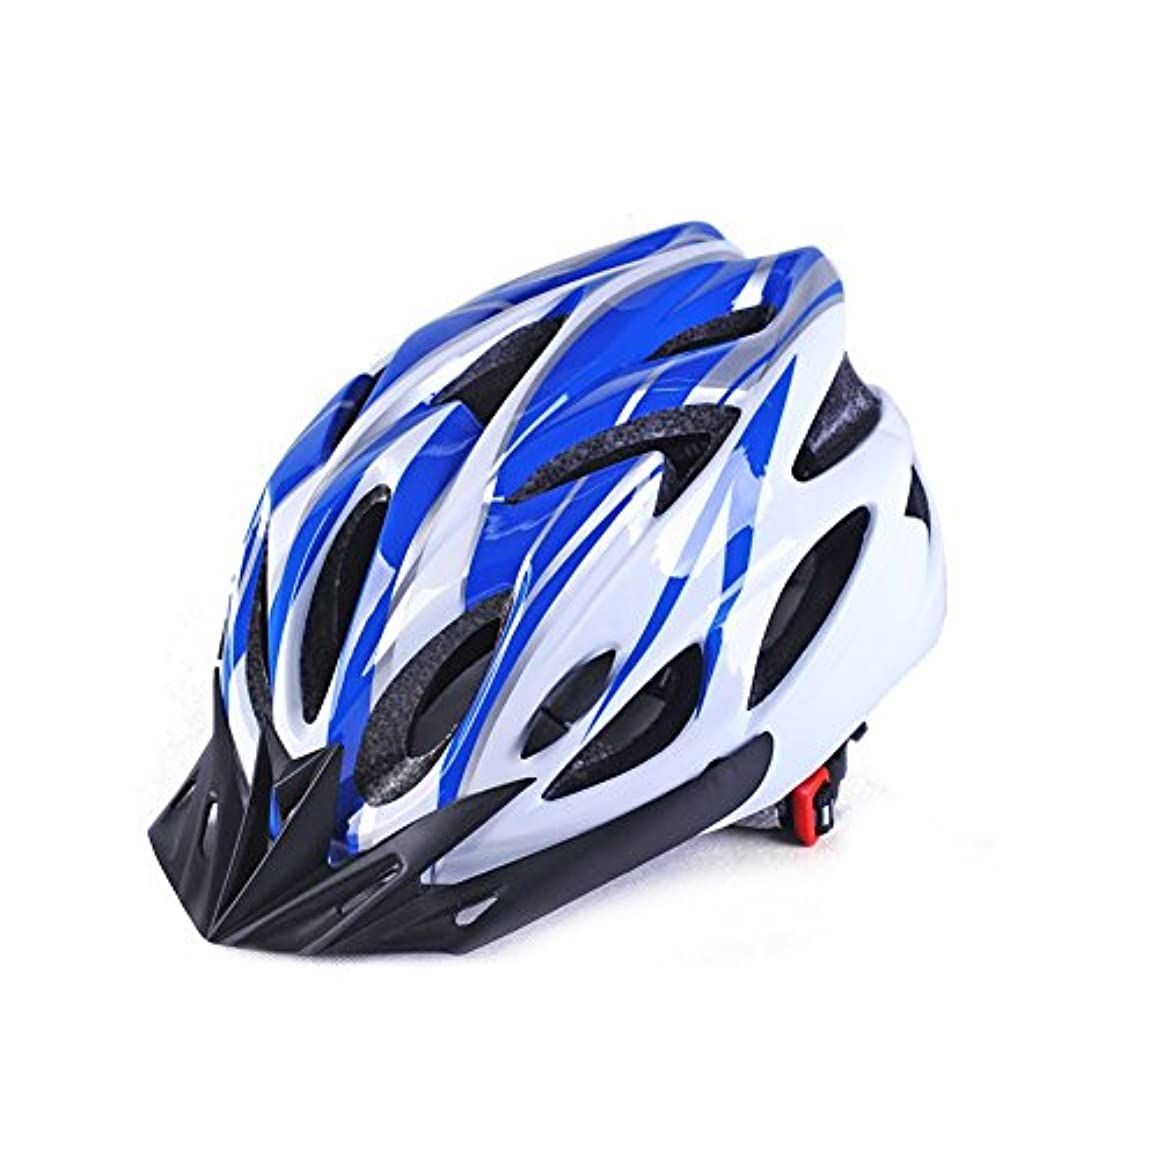 ずんぐりした超えるメイドFashionwu ヘルメット 自転車 頭囲56-62cm 通気 衝撃吸収 超軽量 サイズ調整可能 男女兼用 ロードバイク スポーツ 11色選択可能